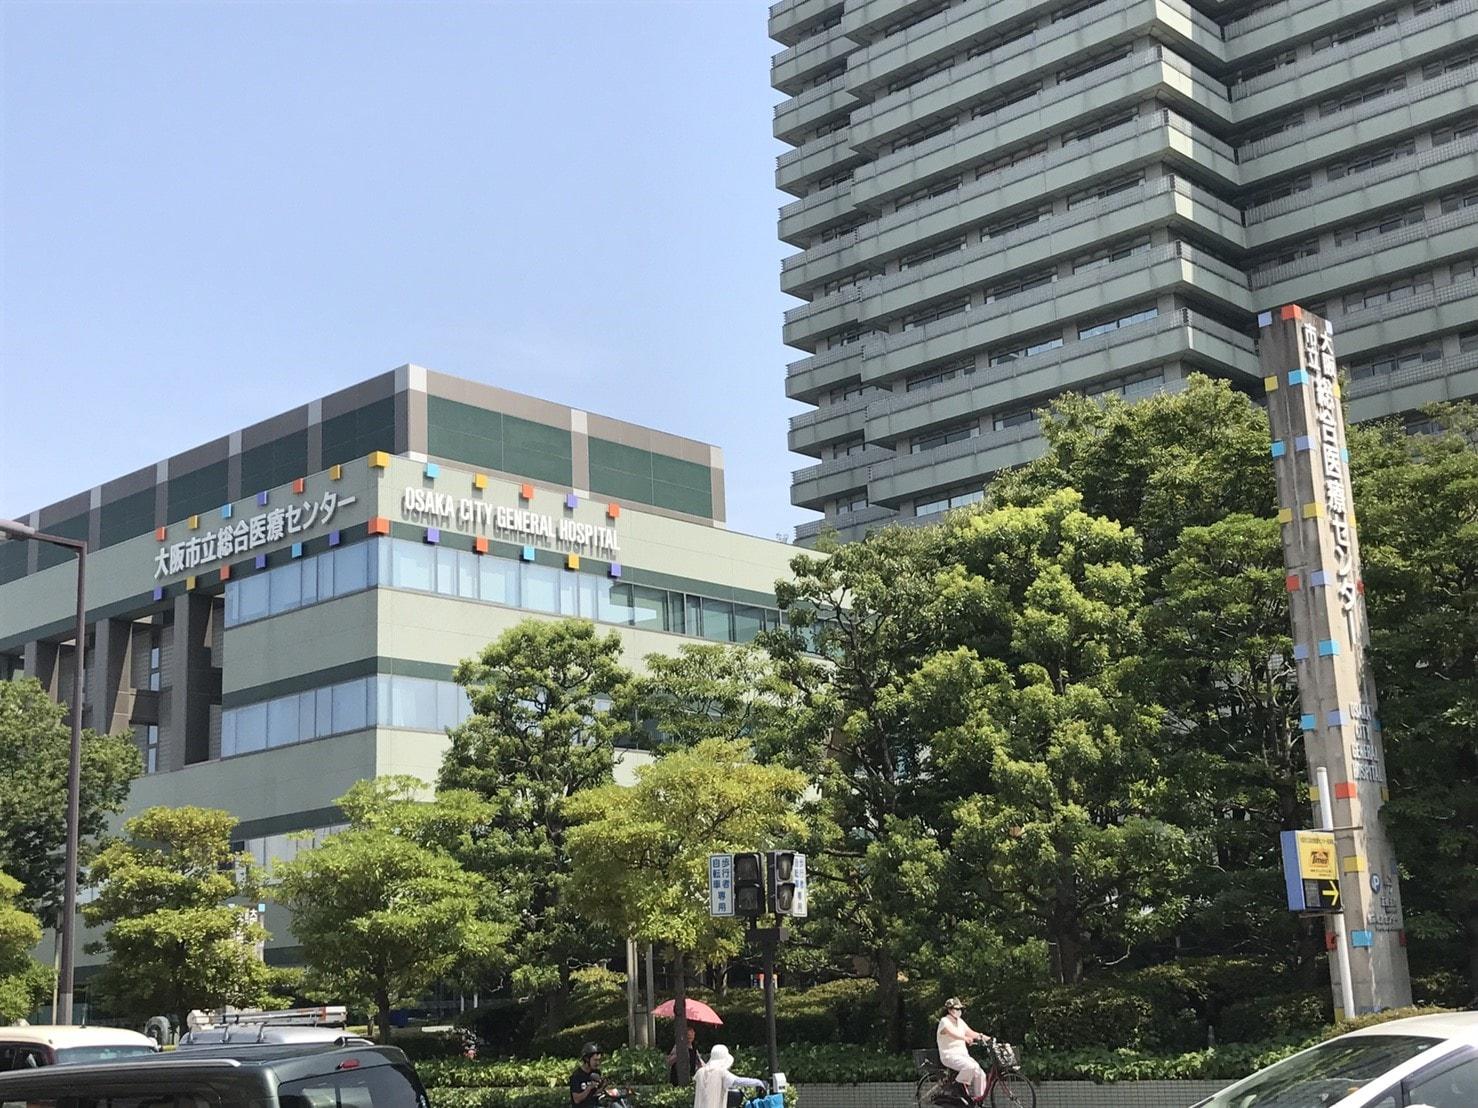 都島駅南側にある大阪市立医療センター